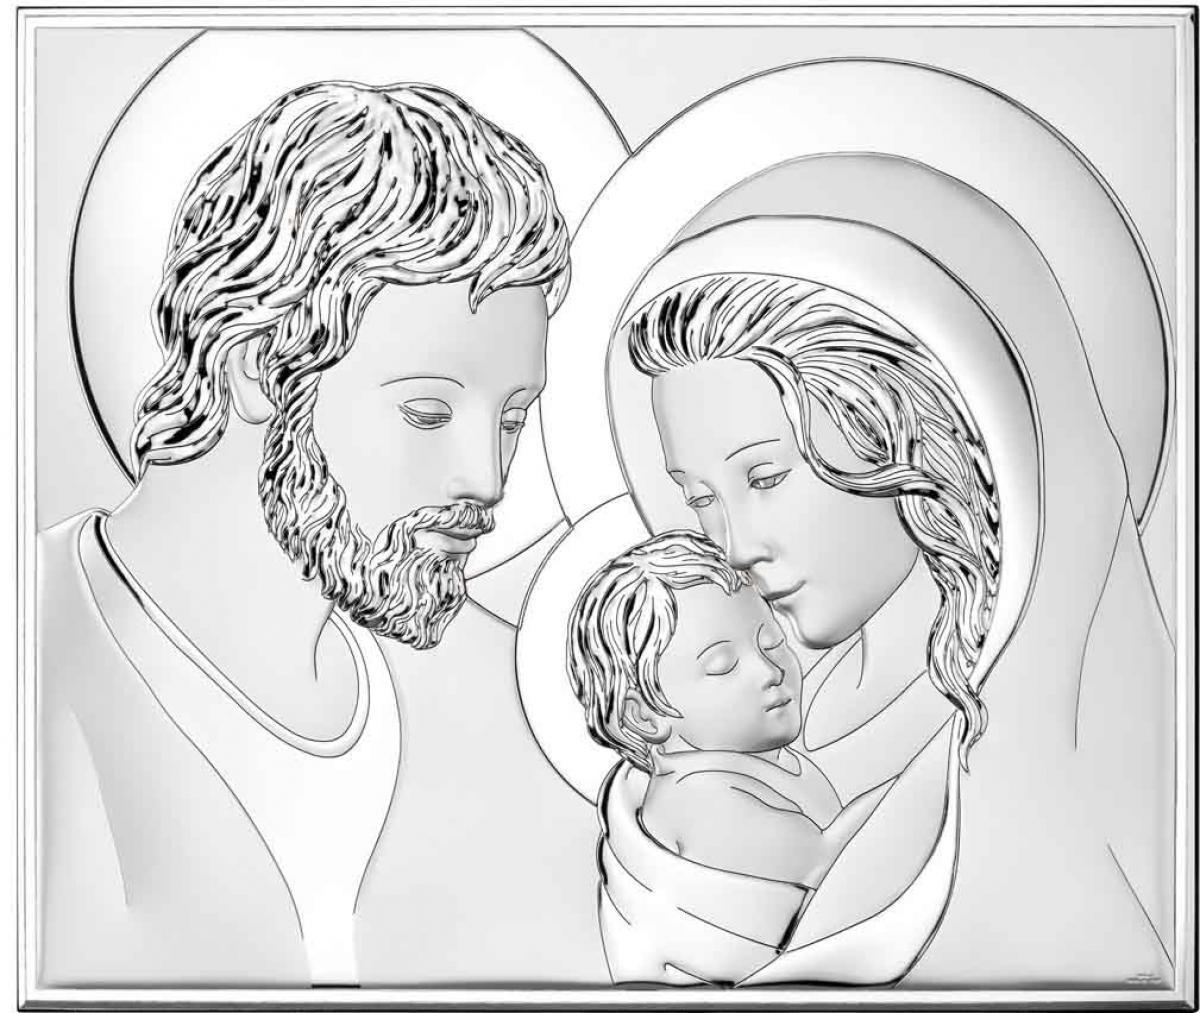 Ікона срібна Свята Родина 26х22см  81340 4L